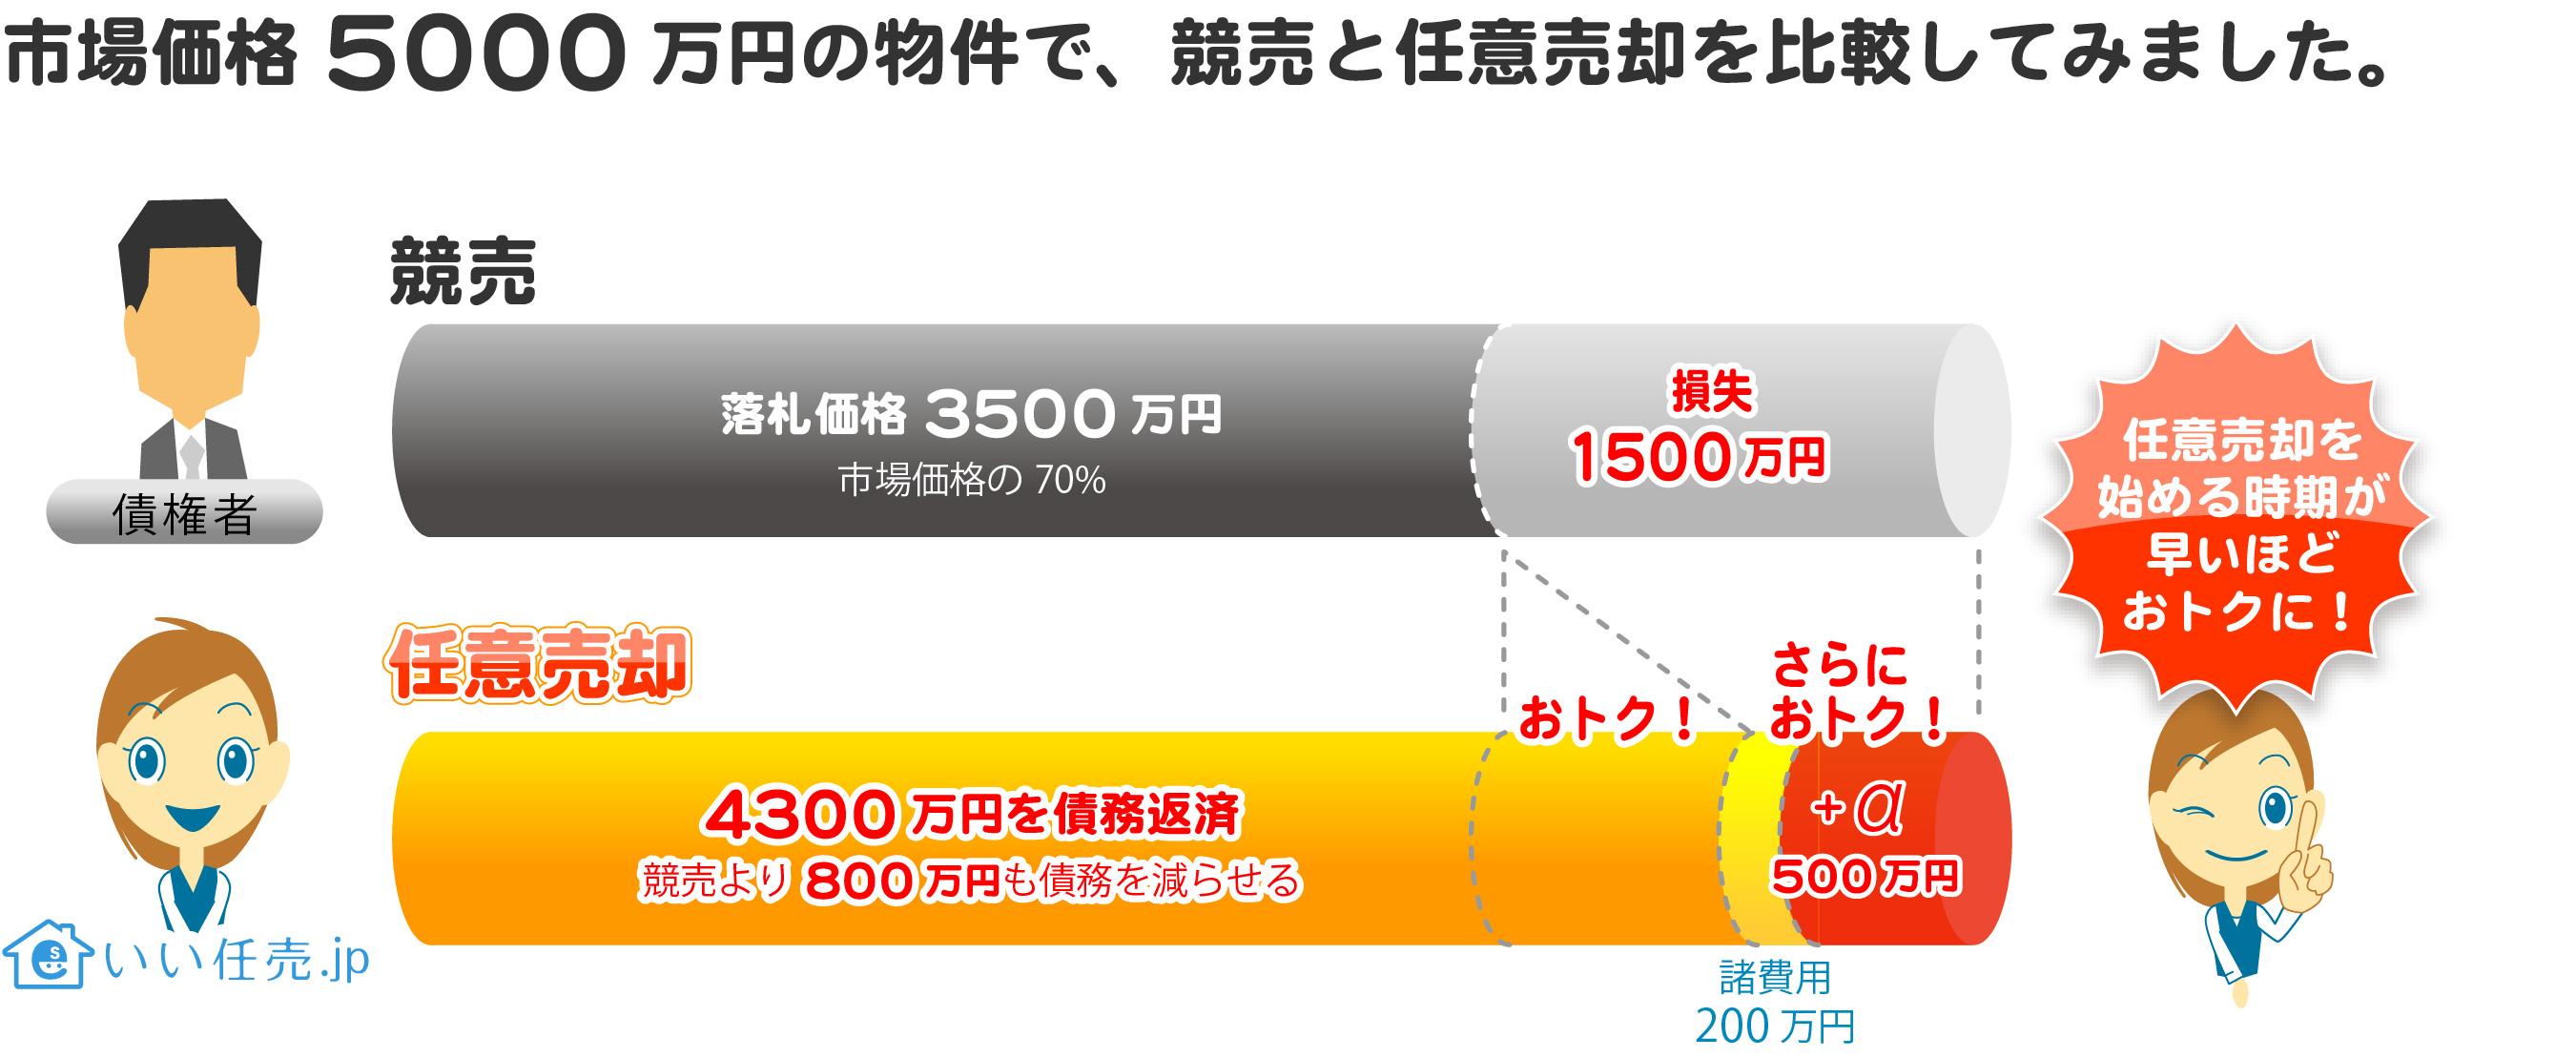 市場価格5000万円の物件で、競売と任意売却を比較してみました。